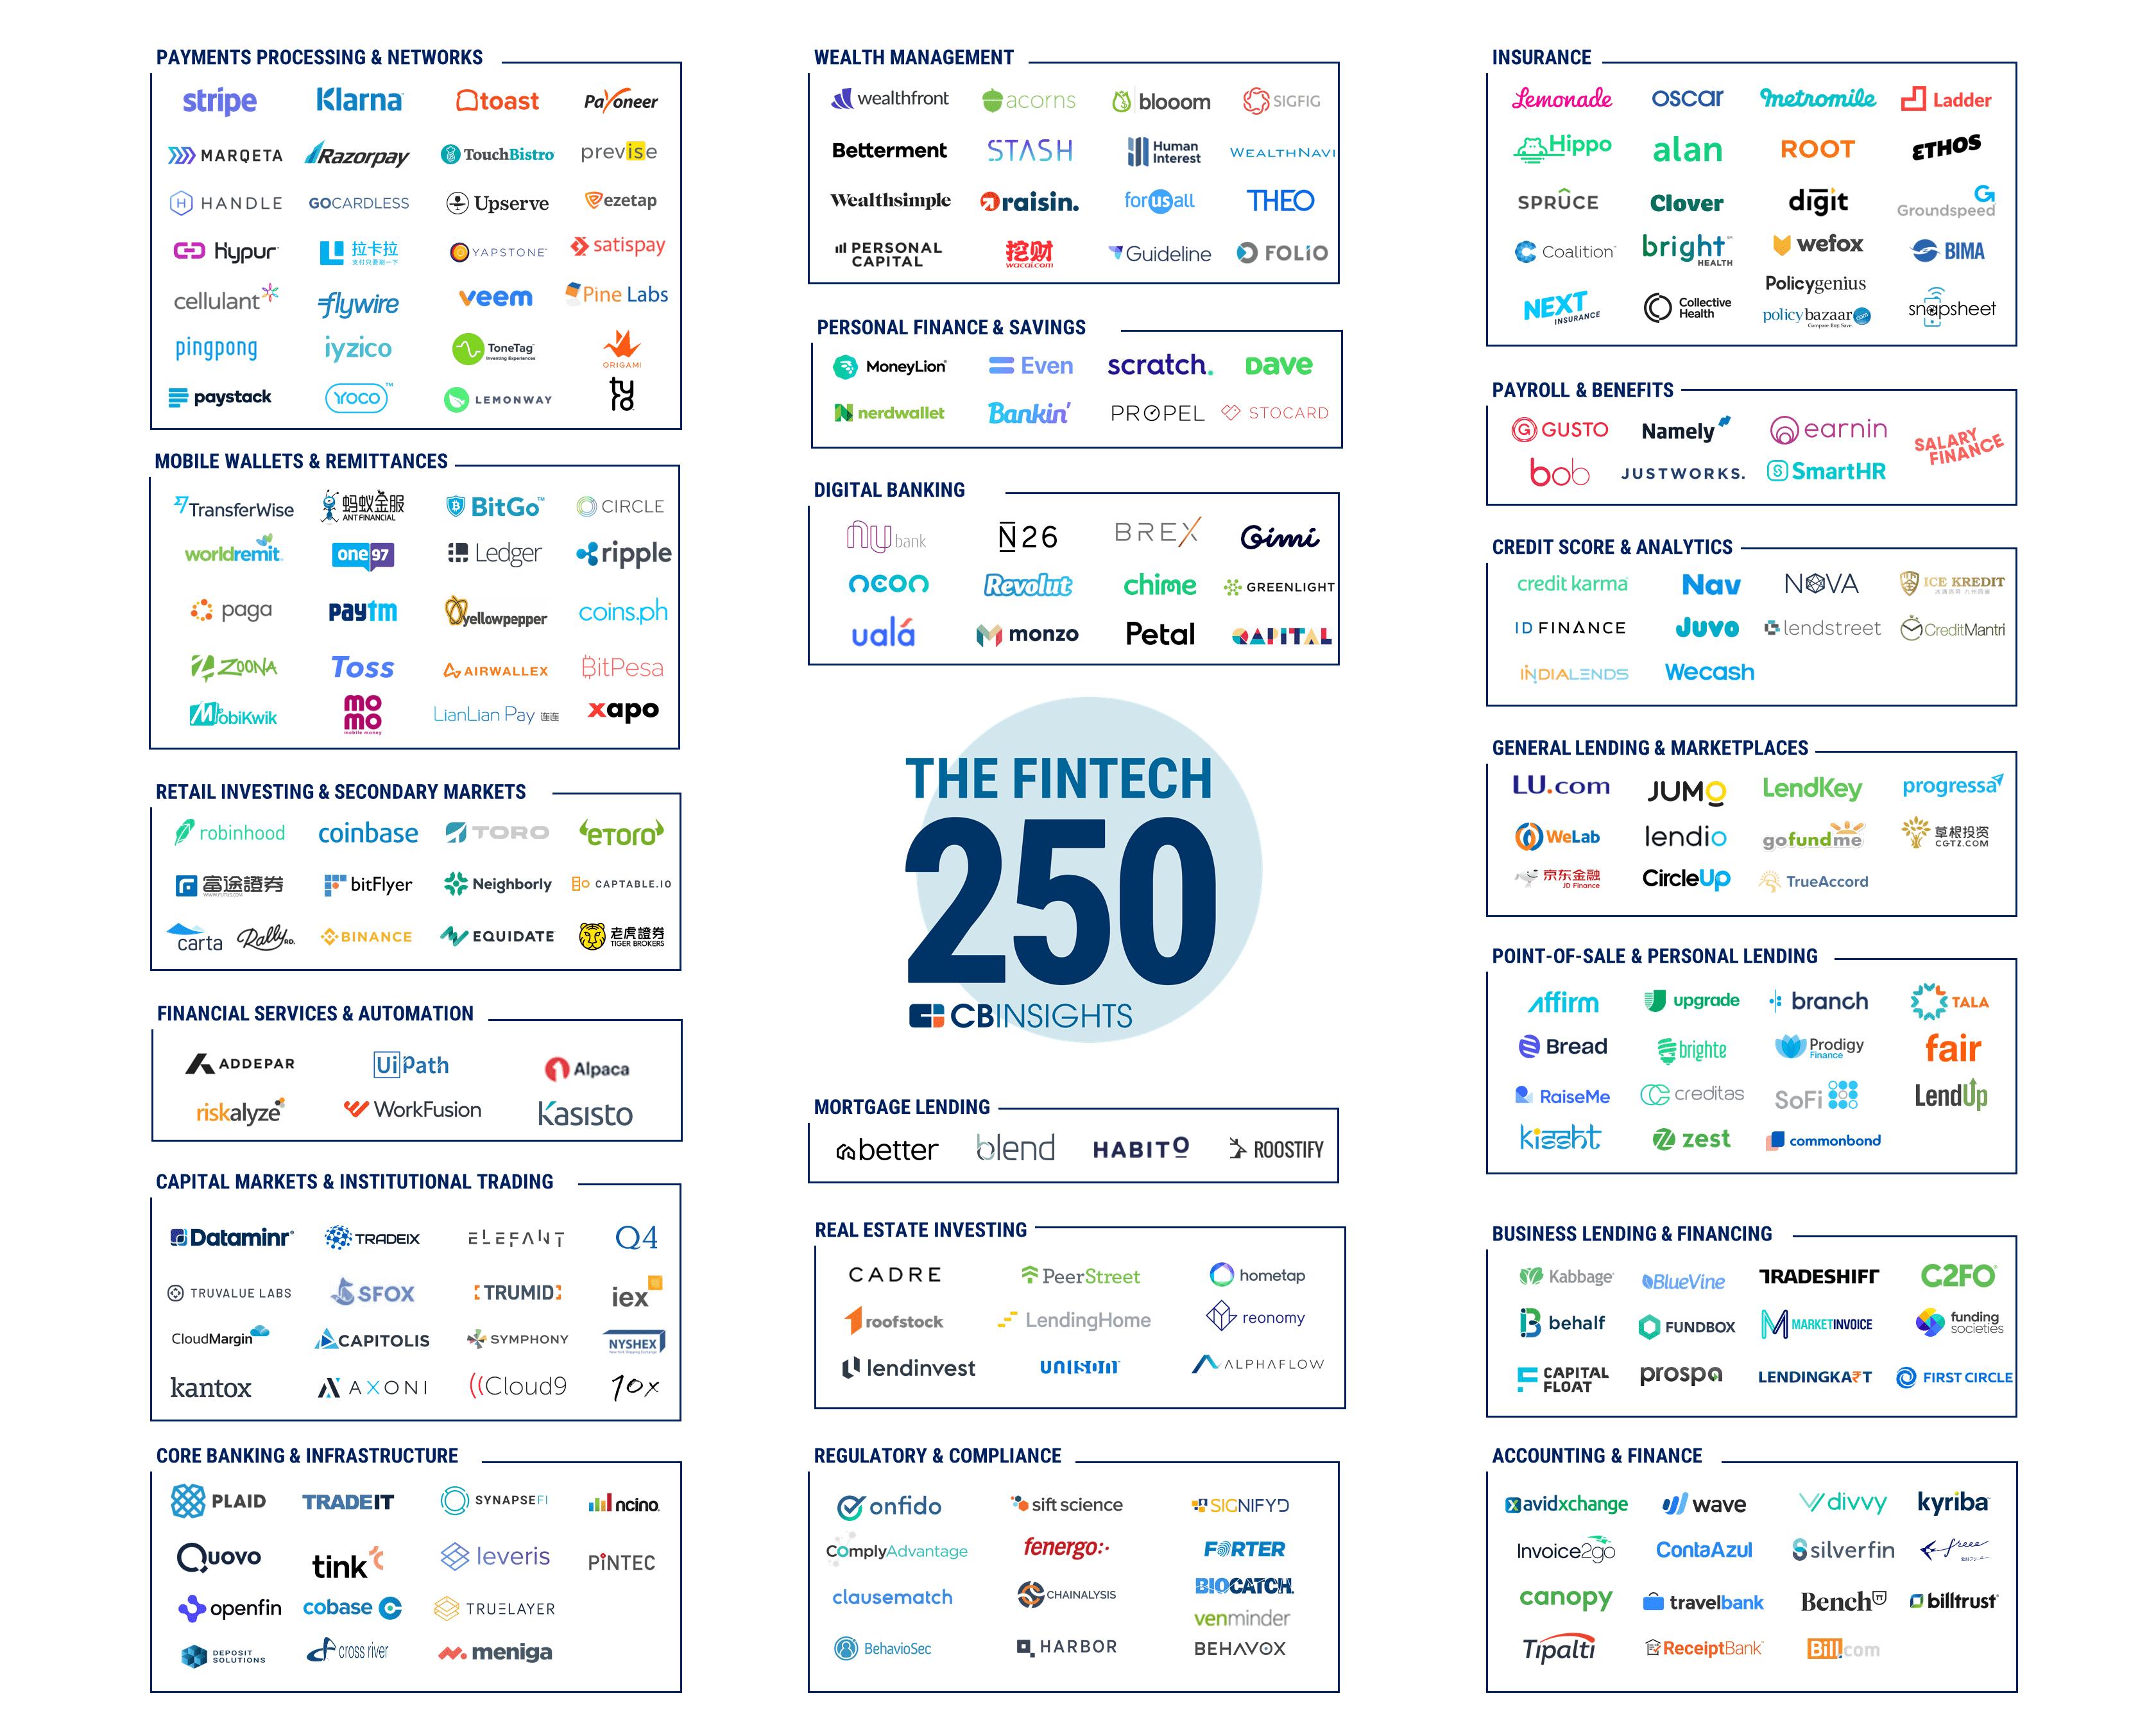 лучшие финтех-стартапы 2018